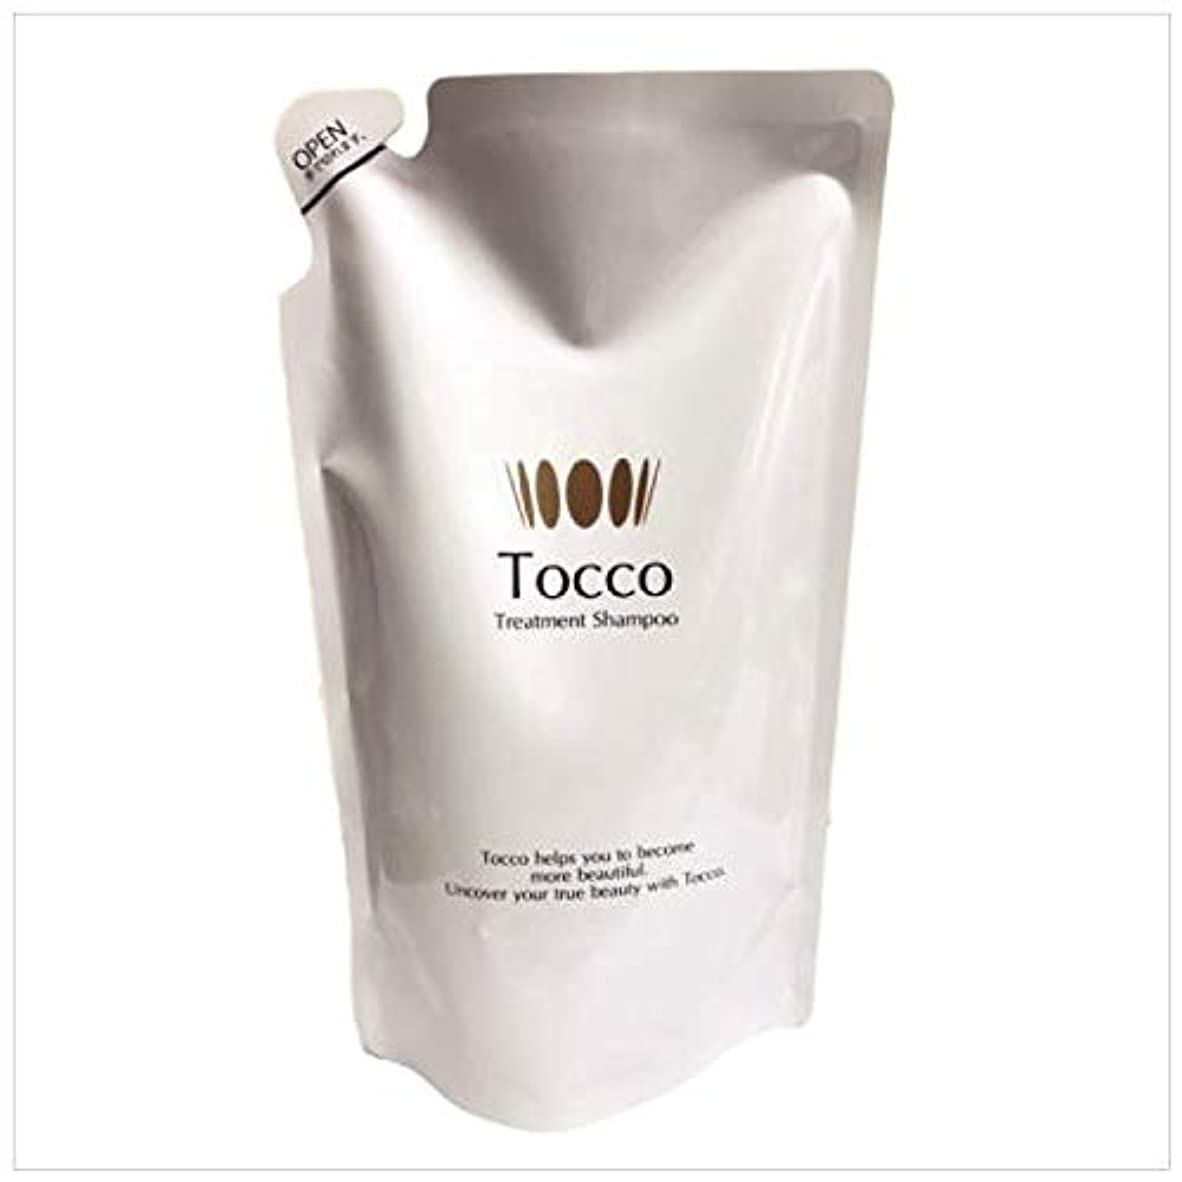 言うまでもなくエーカー愛するTocco トリートメントシャンプー 詰め替え用 330ml